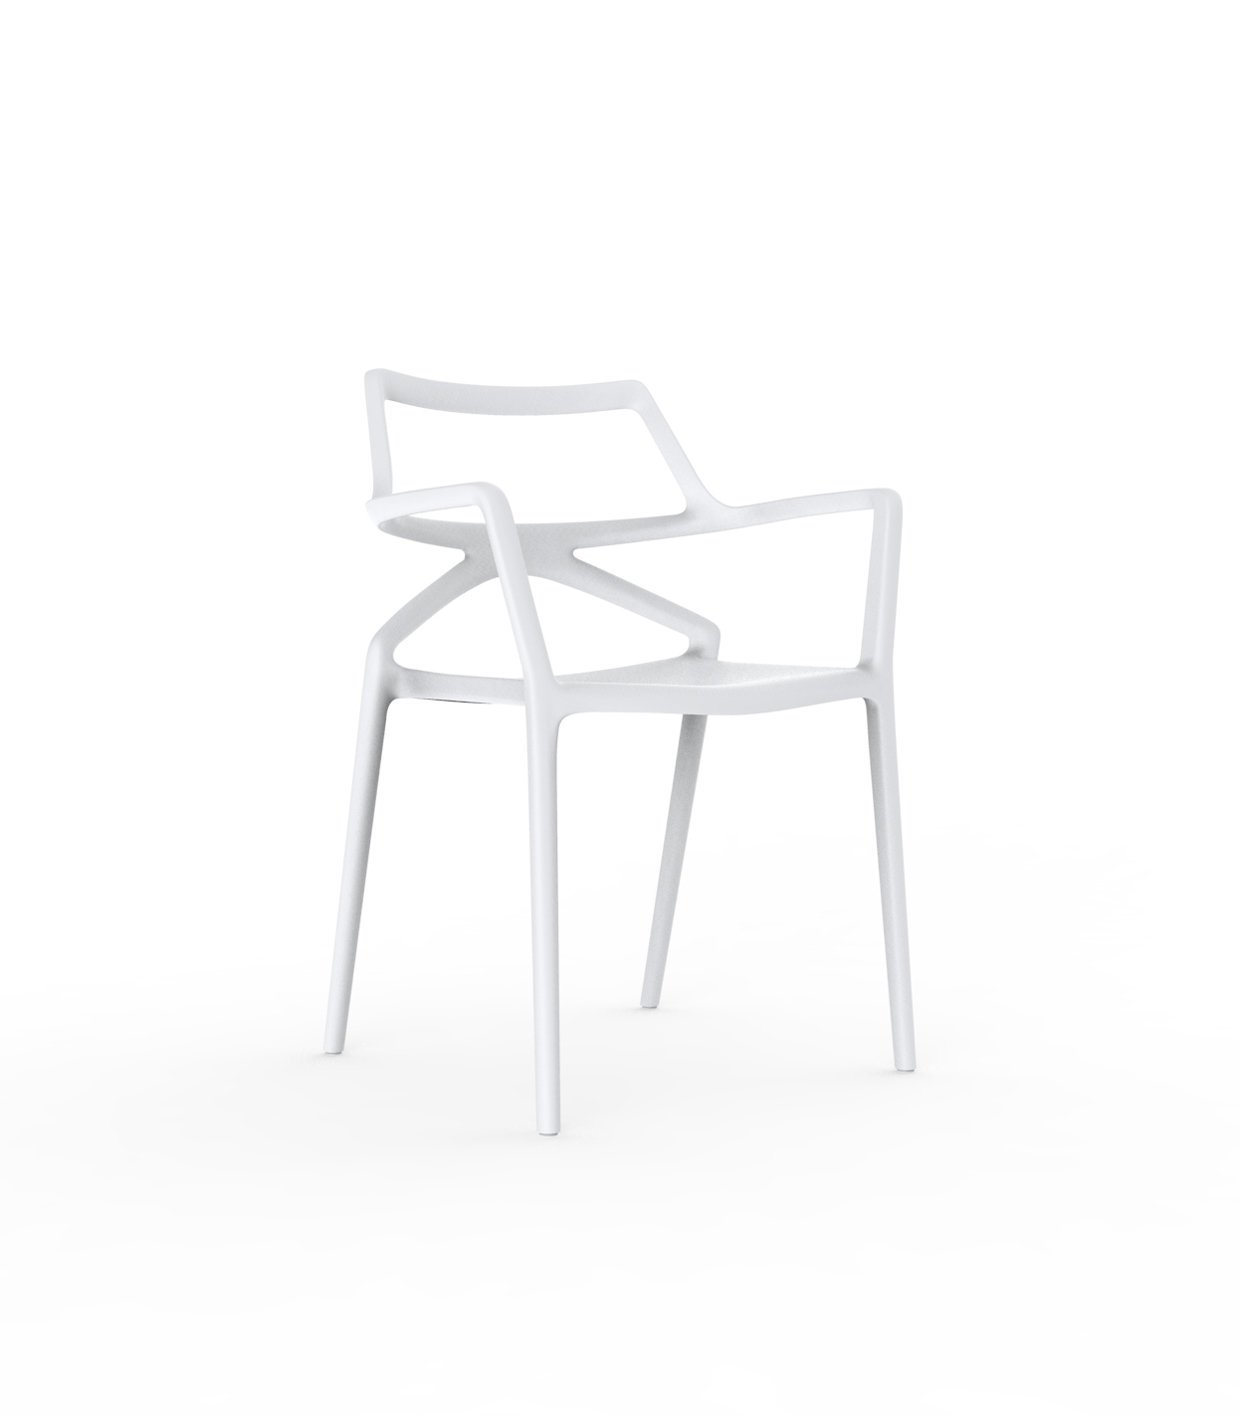 Vondom Delta Armlehnstuhl - weiß - Jorge Pensi Design Studio - Design - Gartenstuhl - Terrassenstuhl